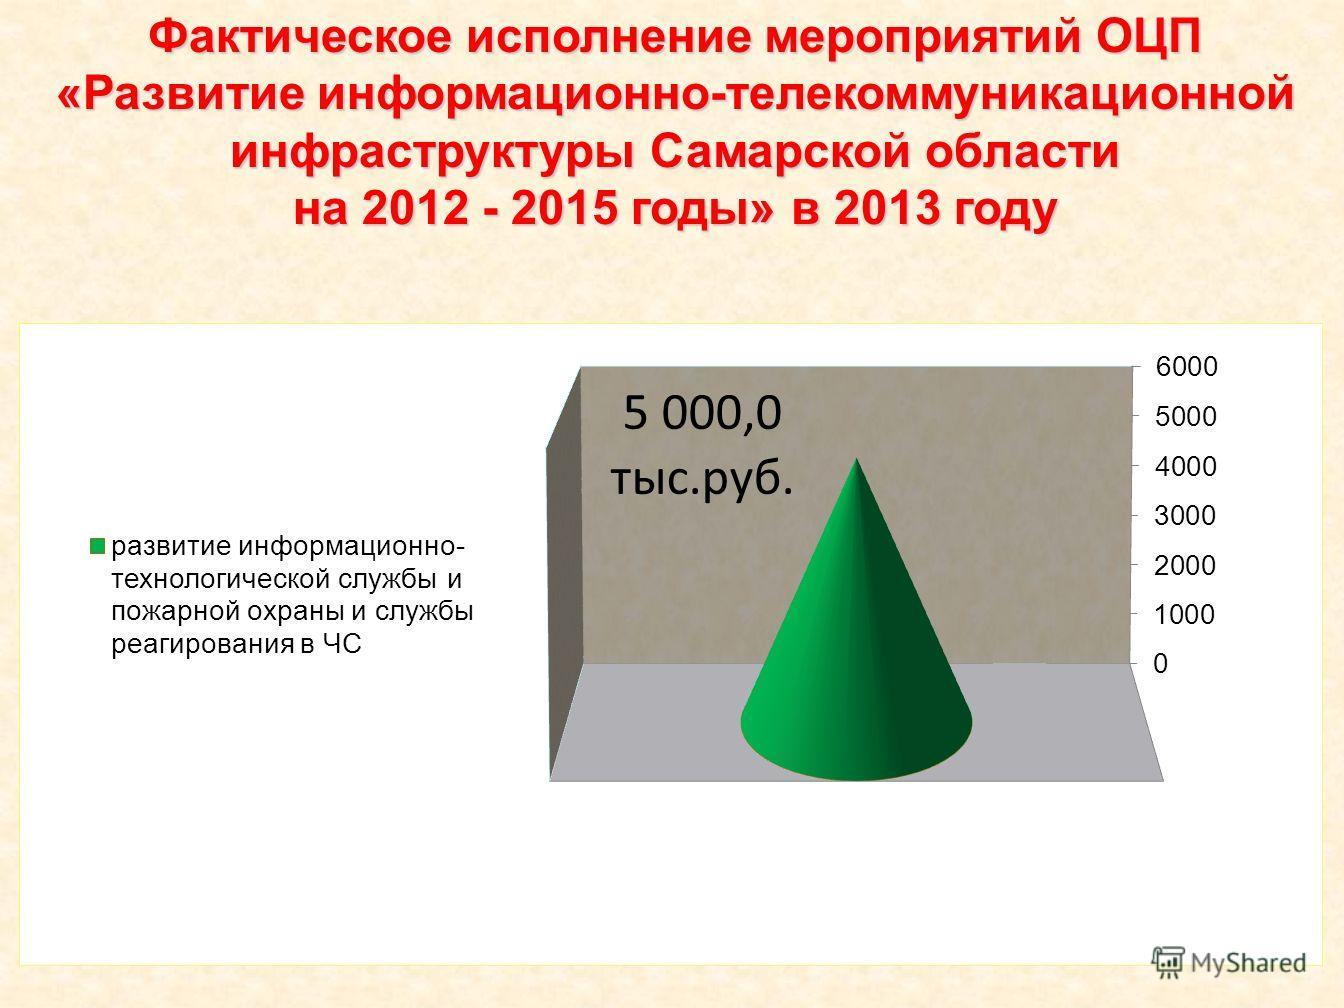 Фактическое исполнение мероприятий ОЦП «Развитие информационно-телекоммуникационной инфраструктуры Самарской области на 2012 - 2015 годы» в 2013 году